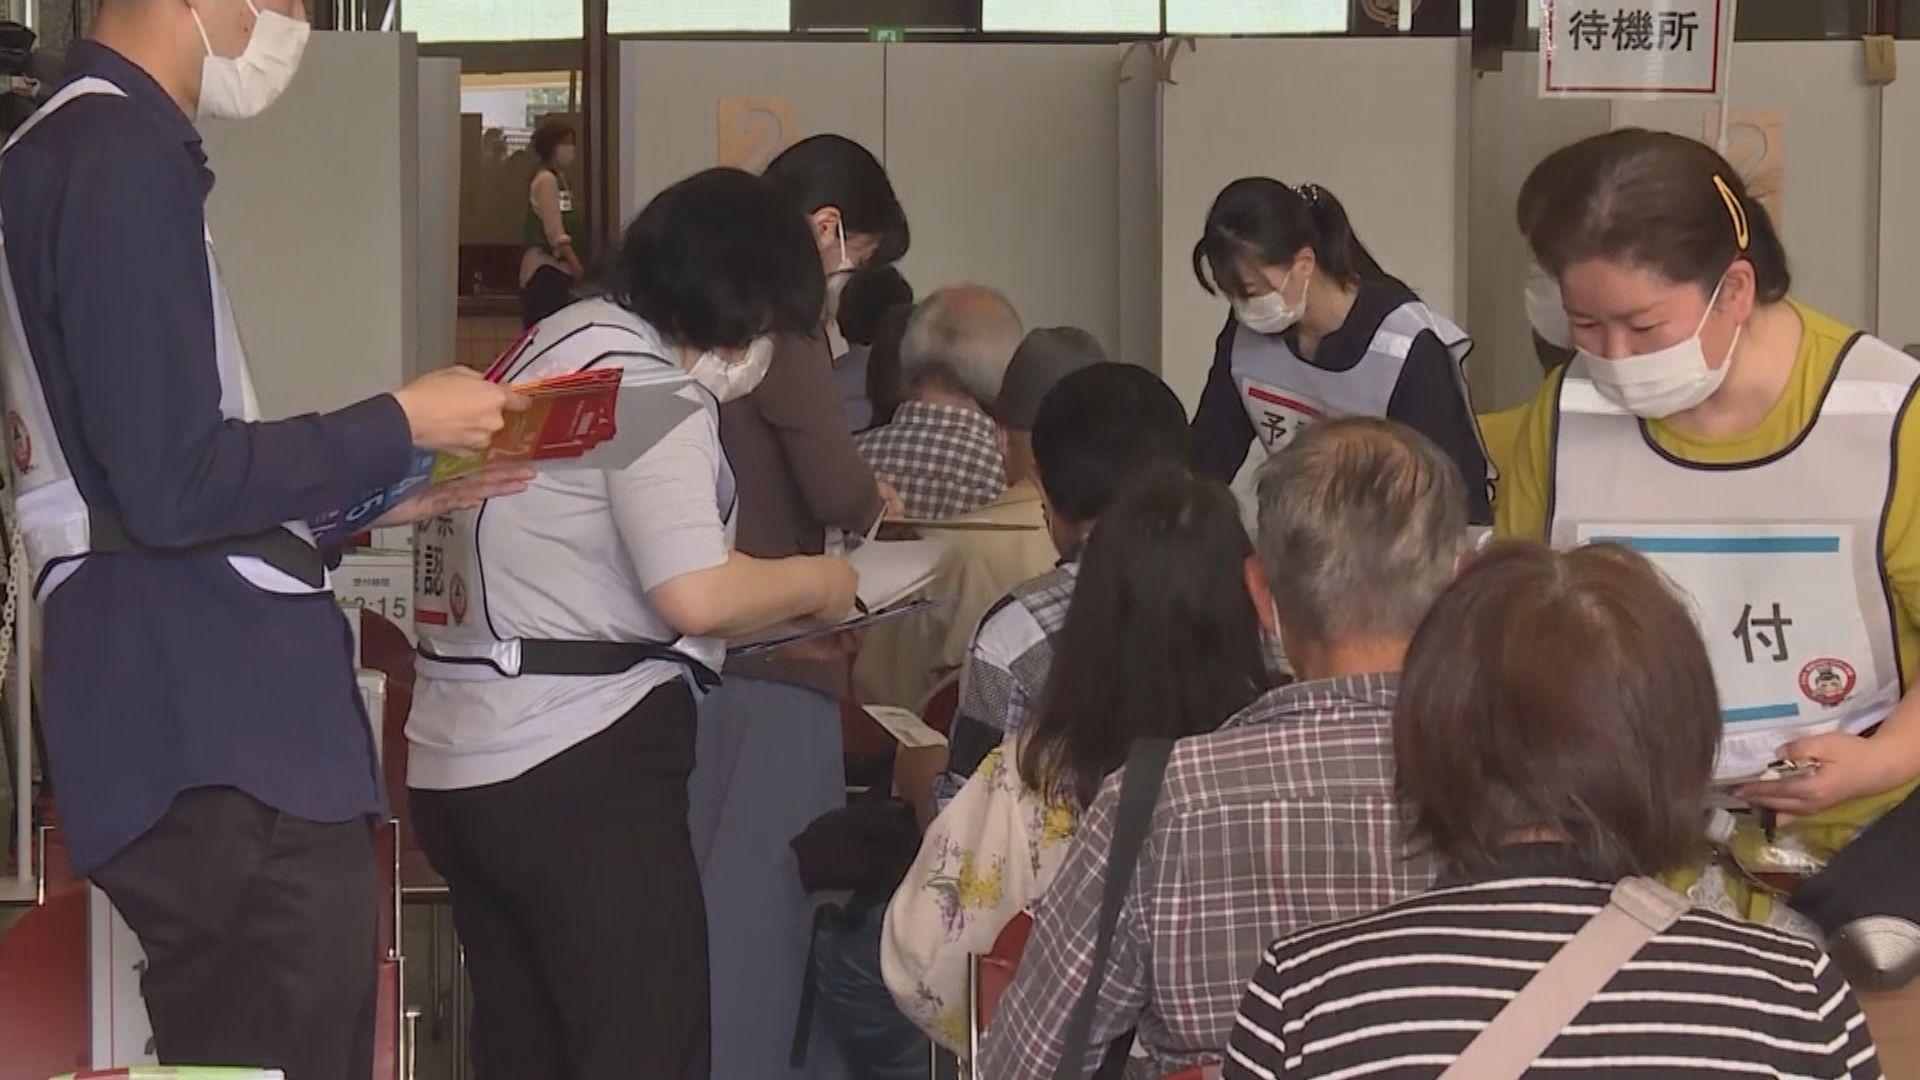 新冠疫苗供不應求 日本暫停受理職場接種申請